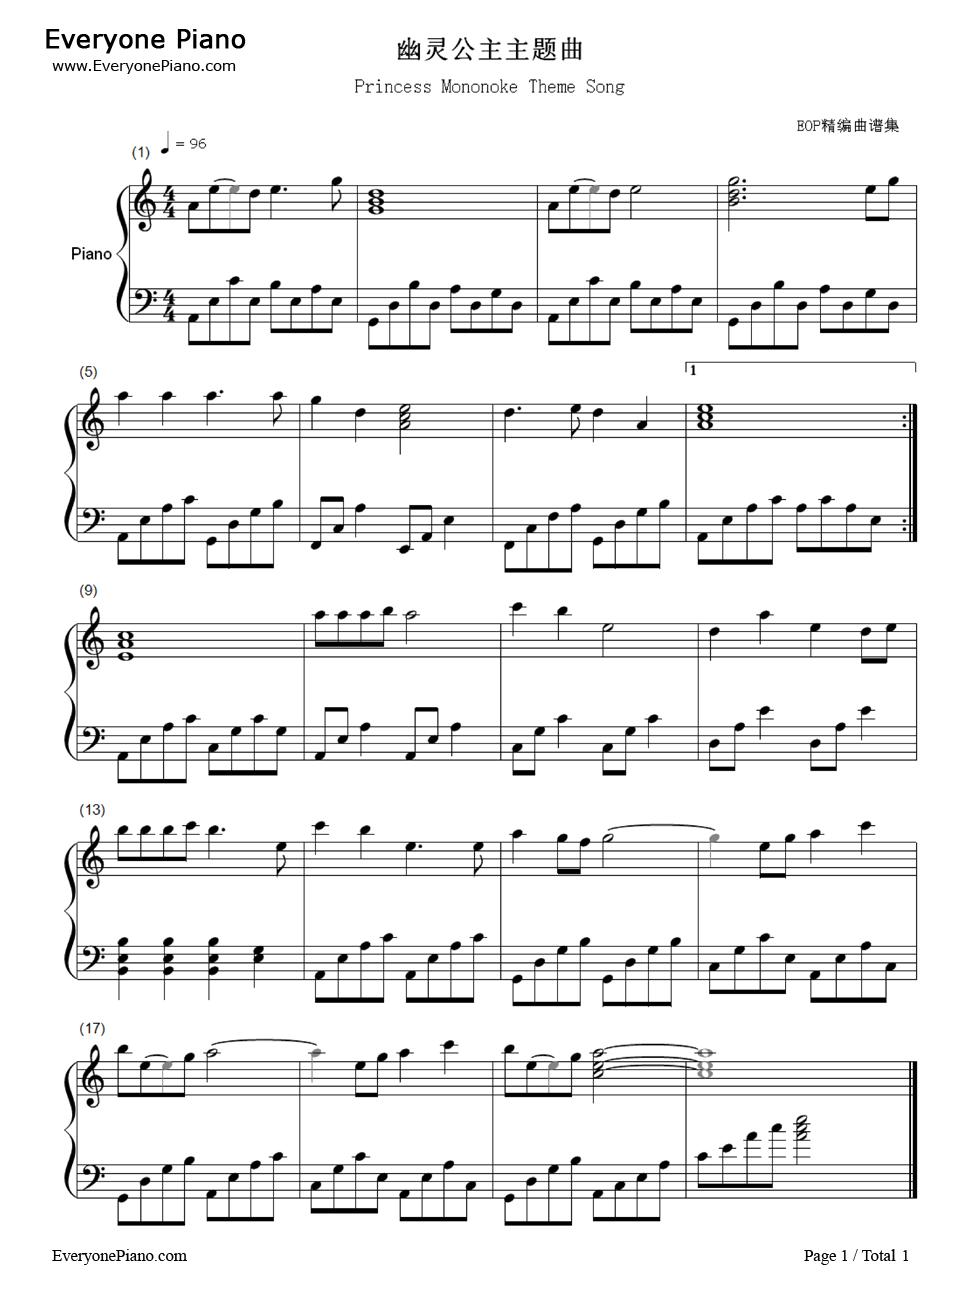 《幽灵公主主题曲》 - 钢琴谱_钢琴曲谱_钢琴歌-幽灵主题曲 幽灵公主